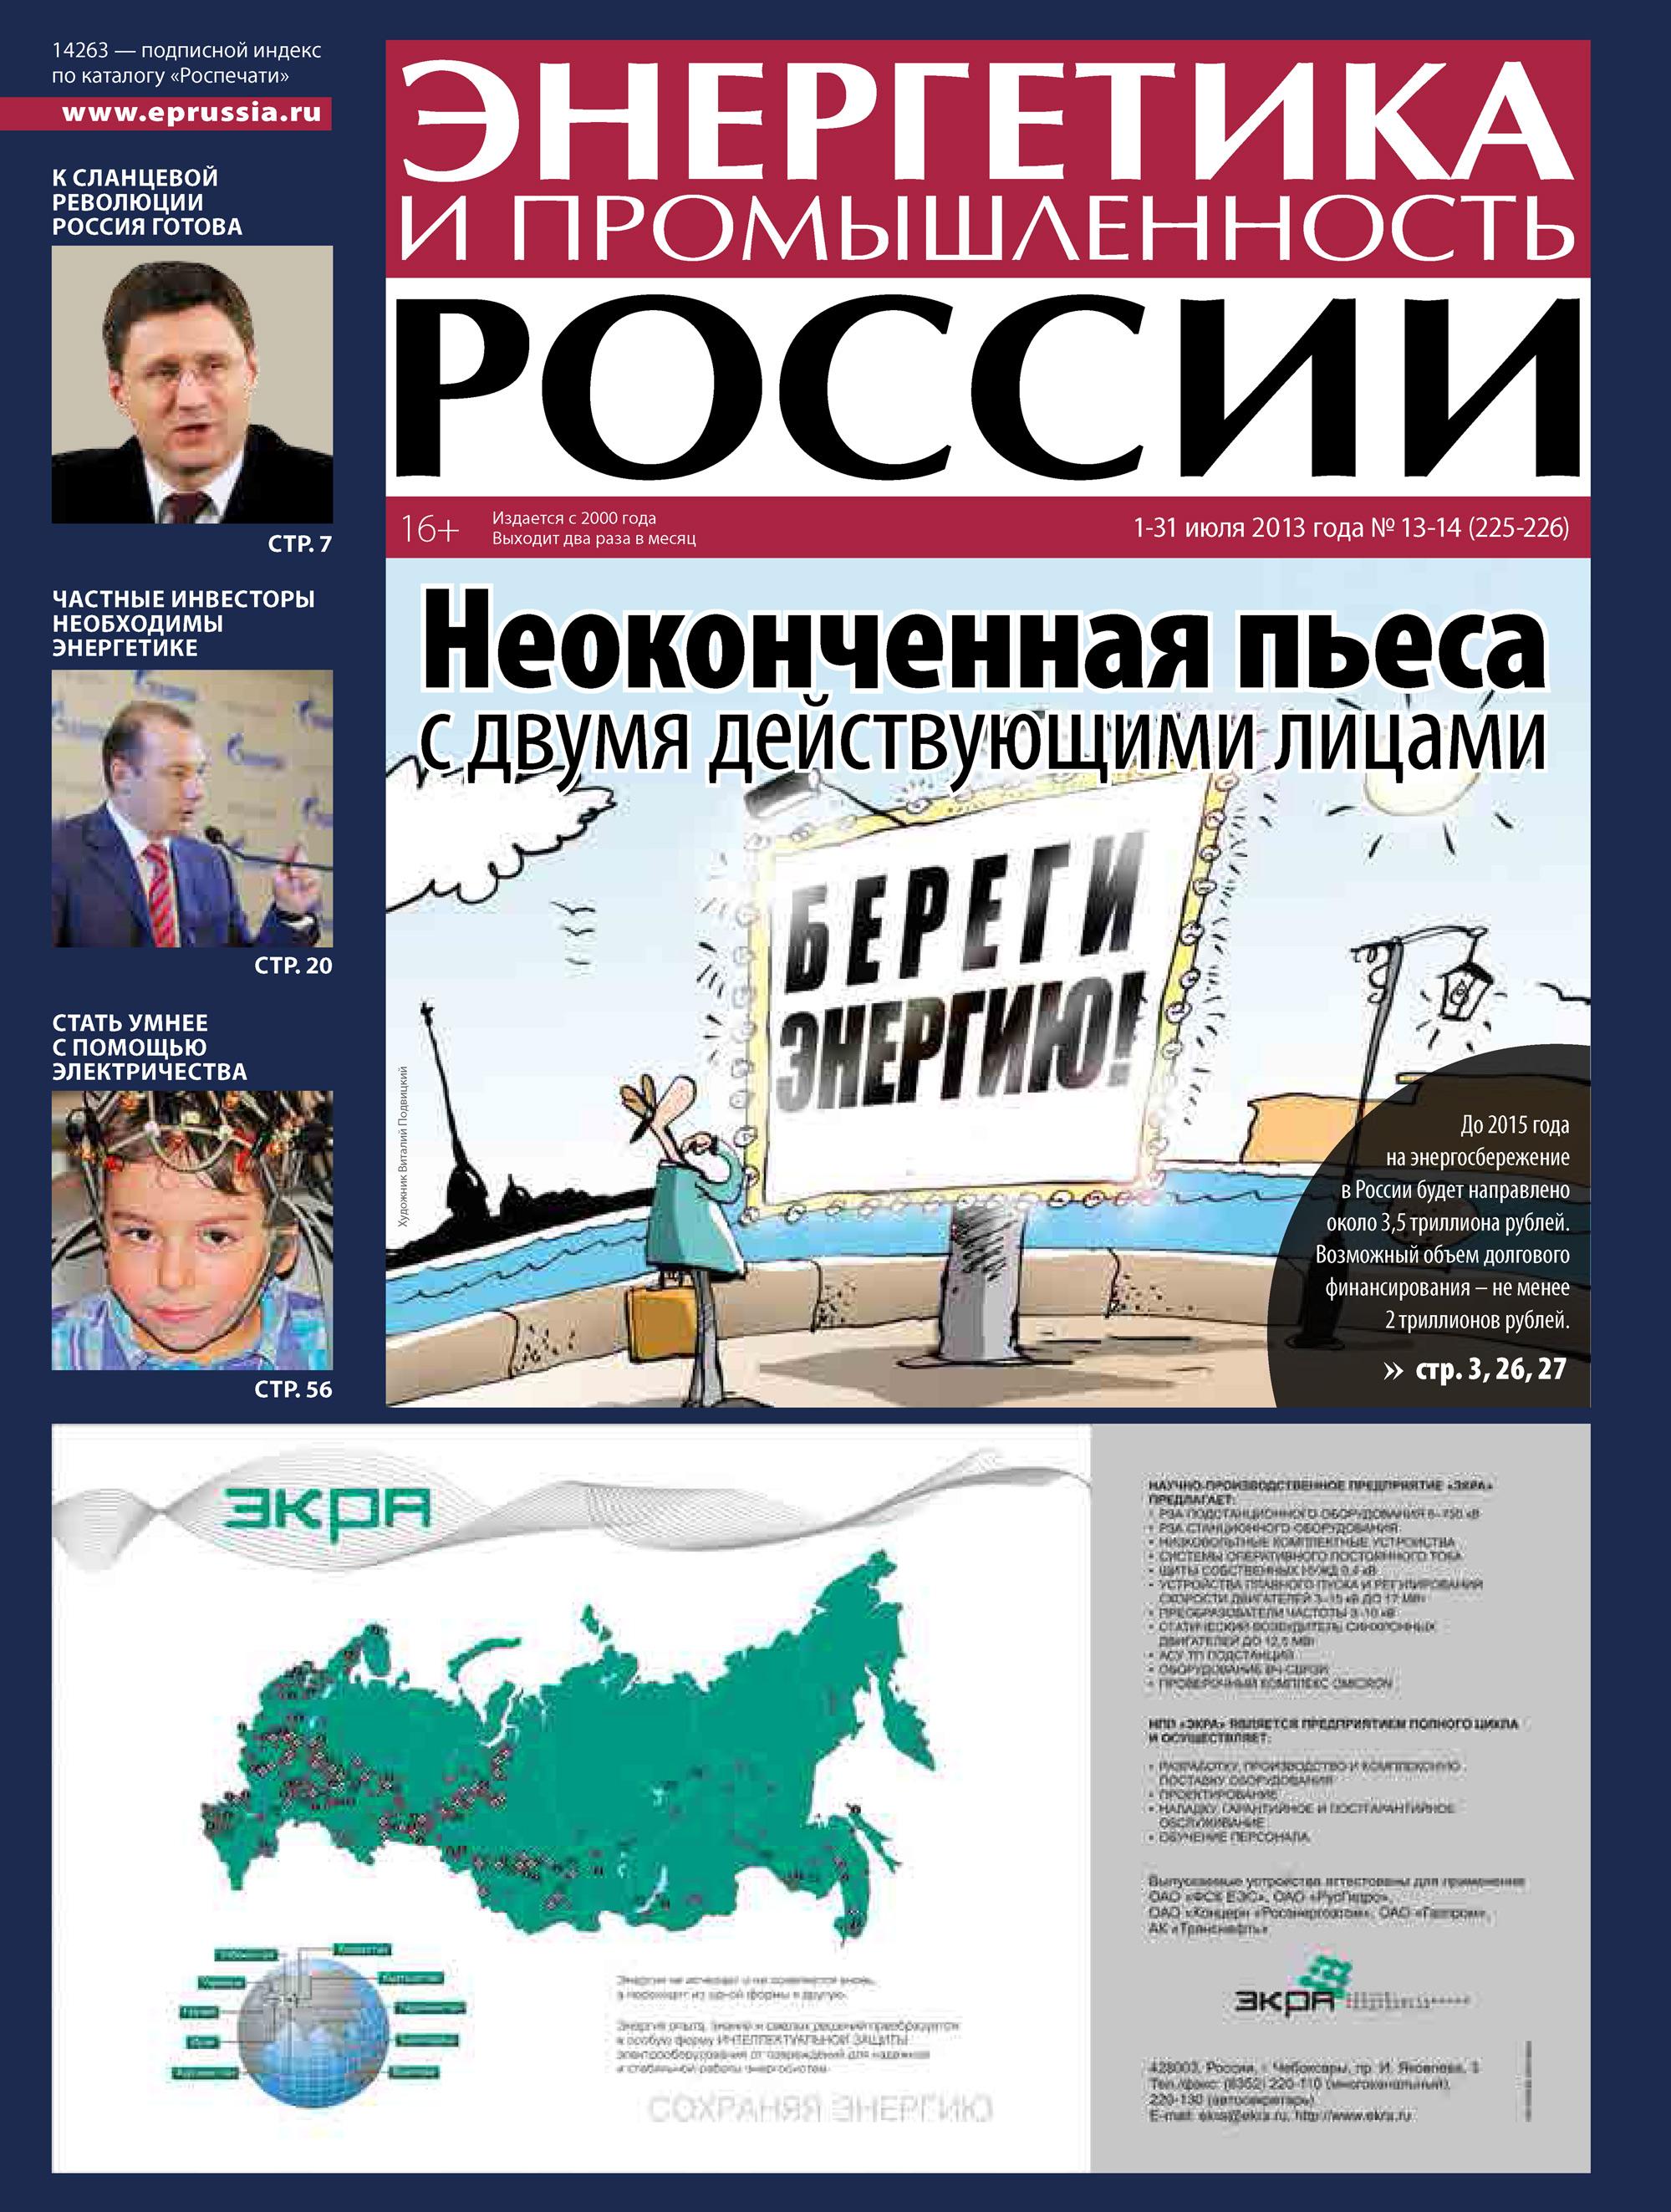 Энергетика и промышленность России №13-14 2013